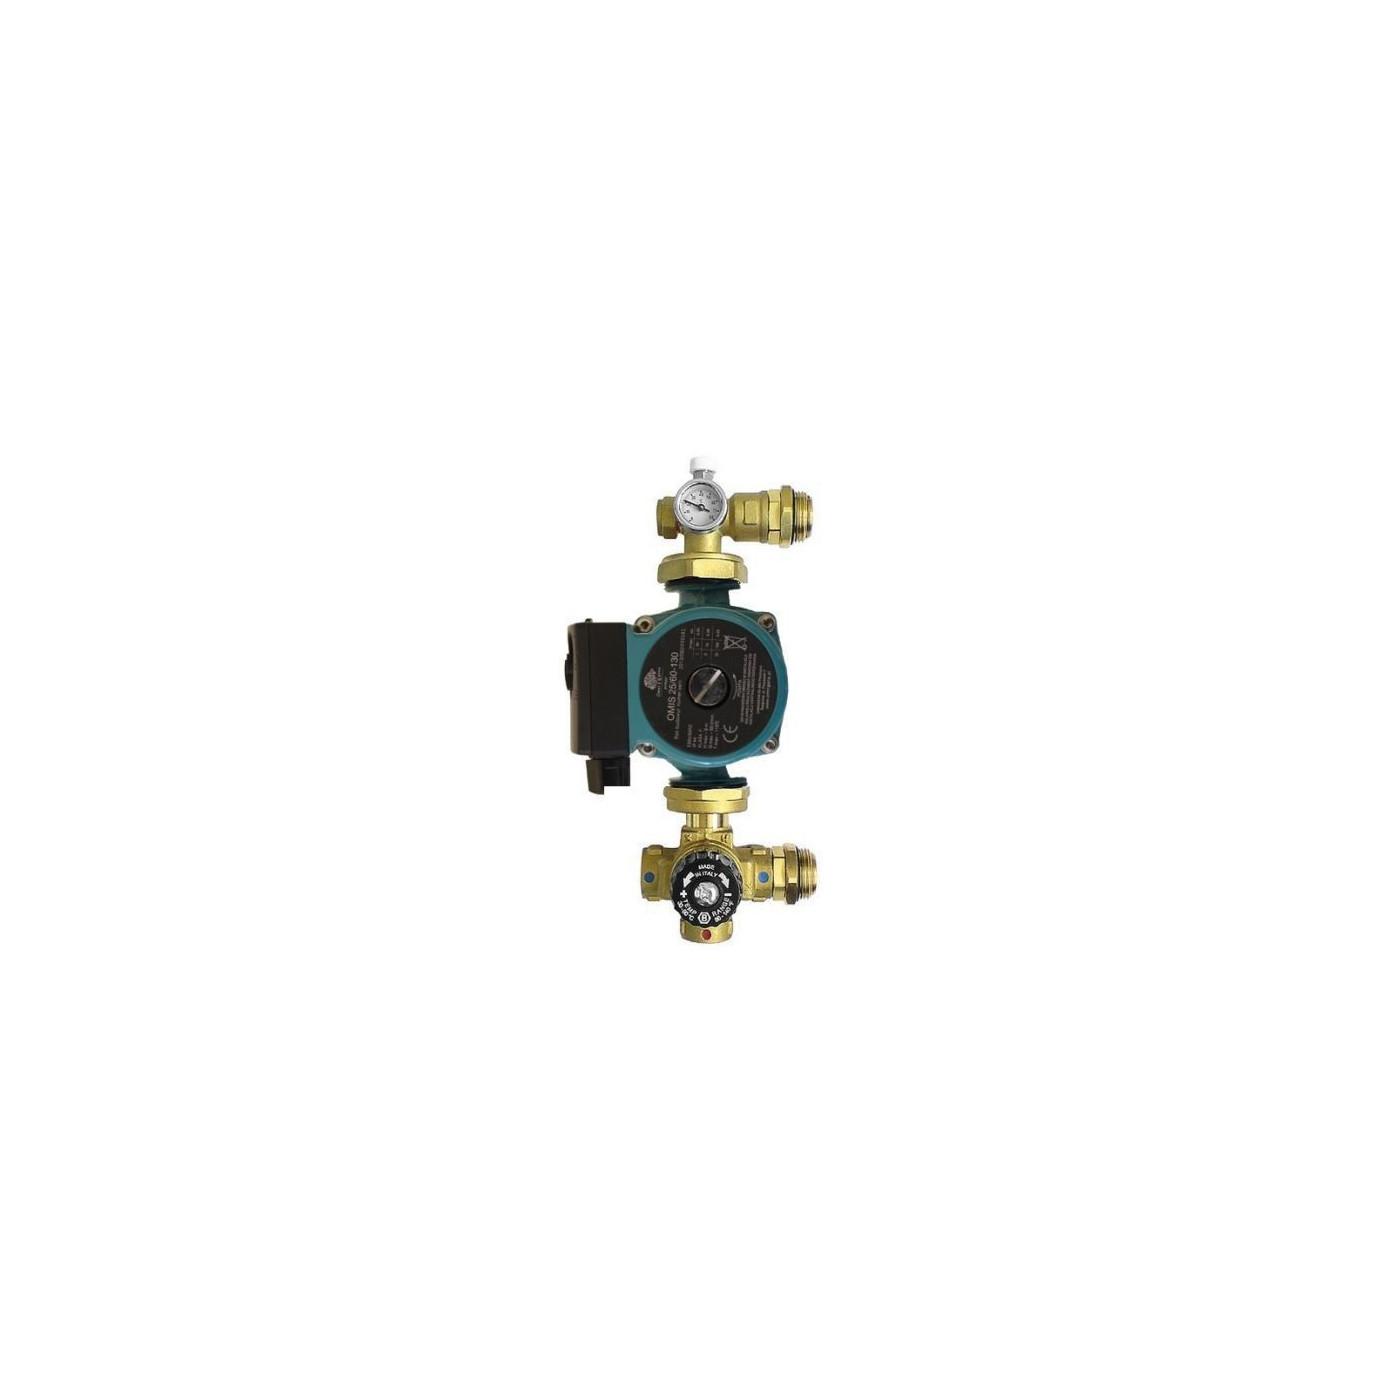 Omni Festwertregelset für Fußbodenheizung mit Pumpe 25 40 130